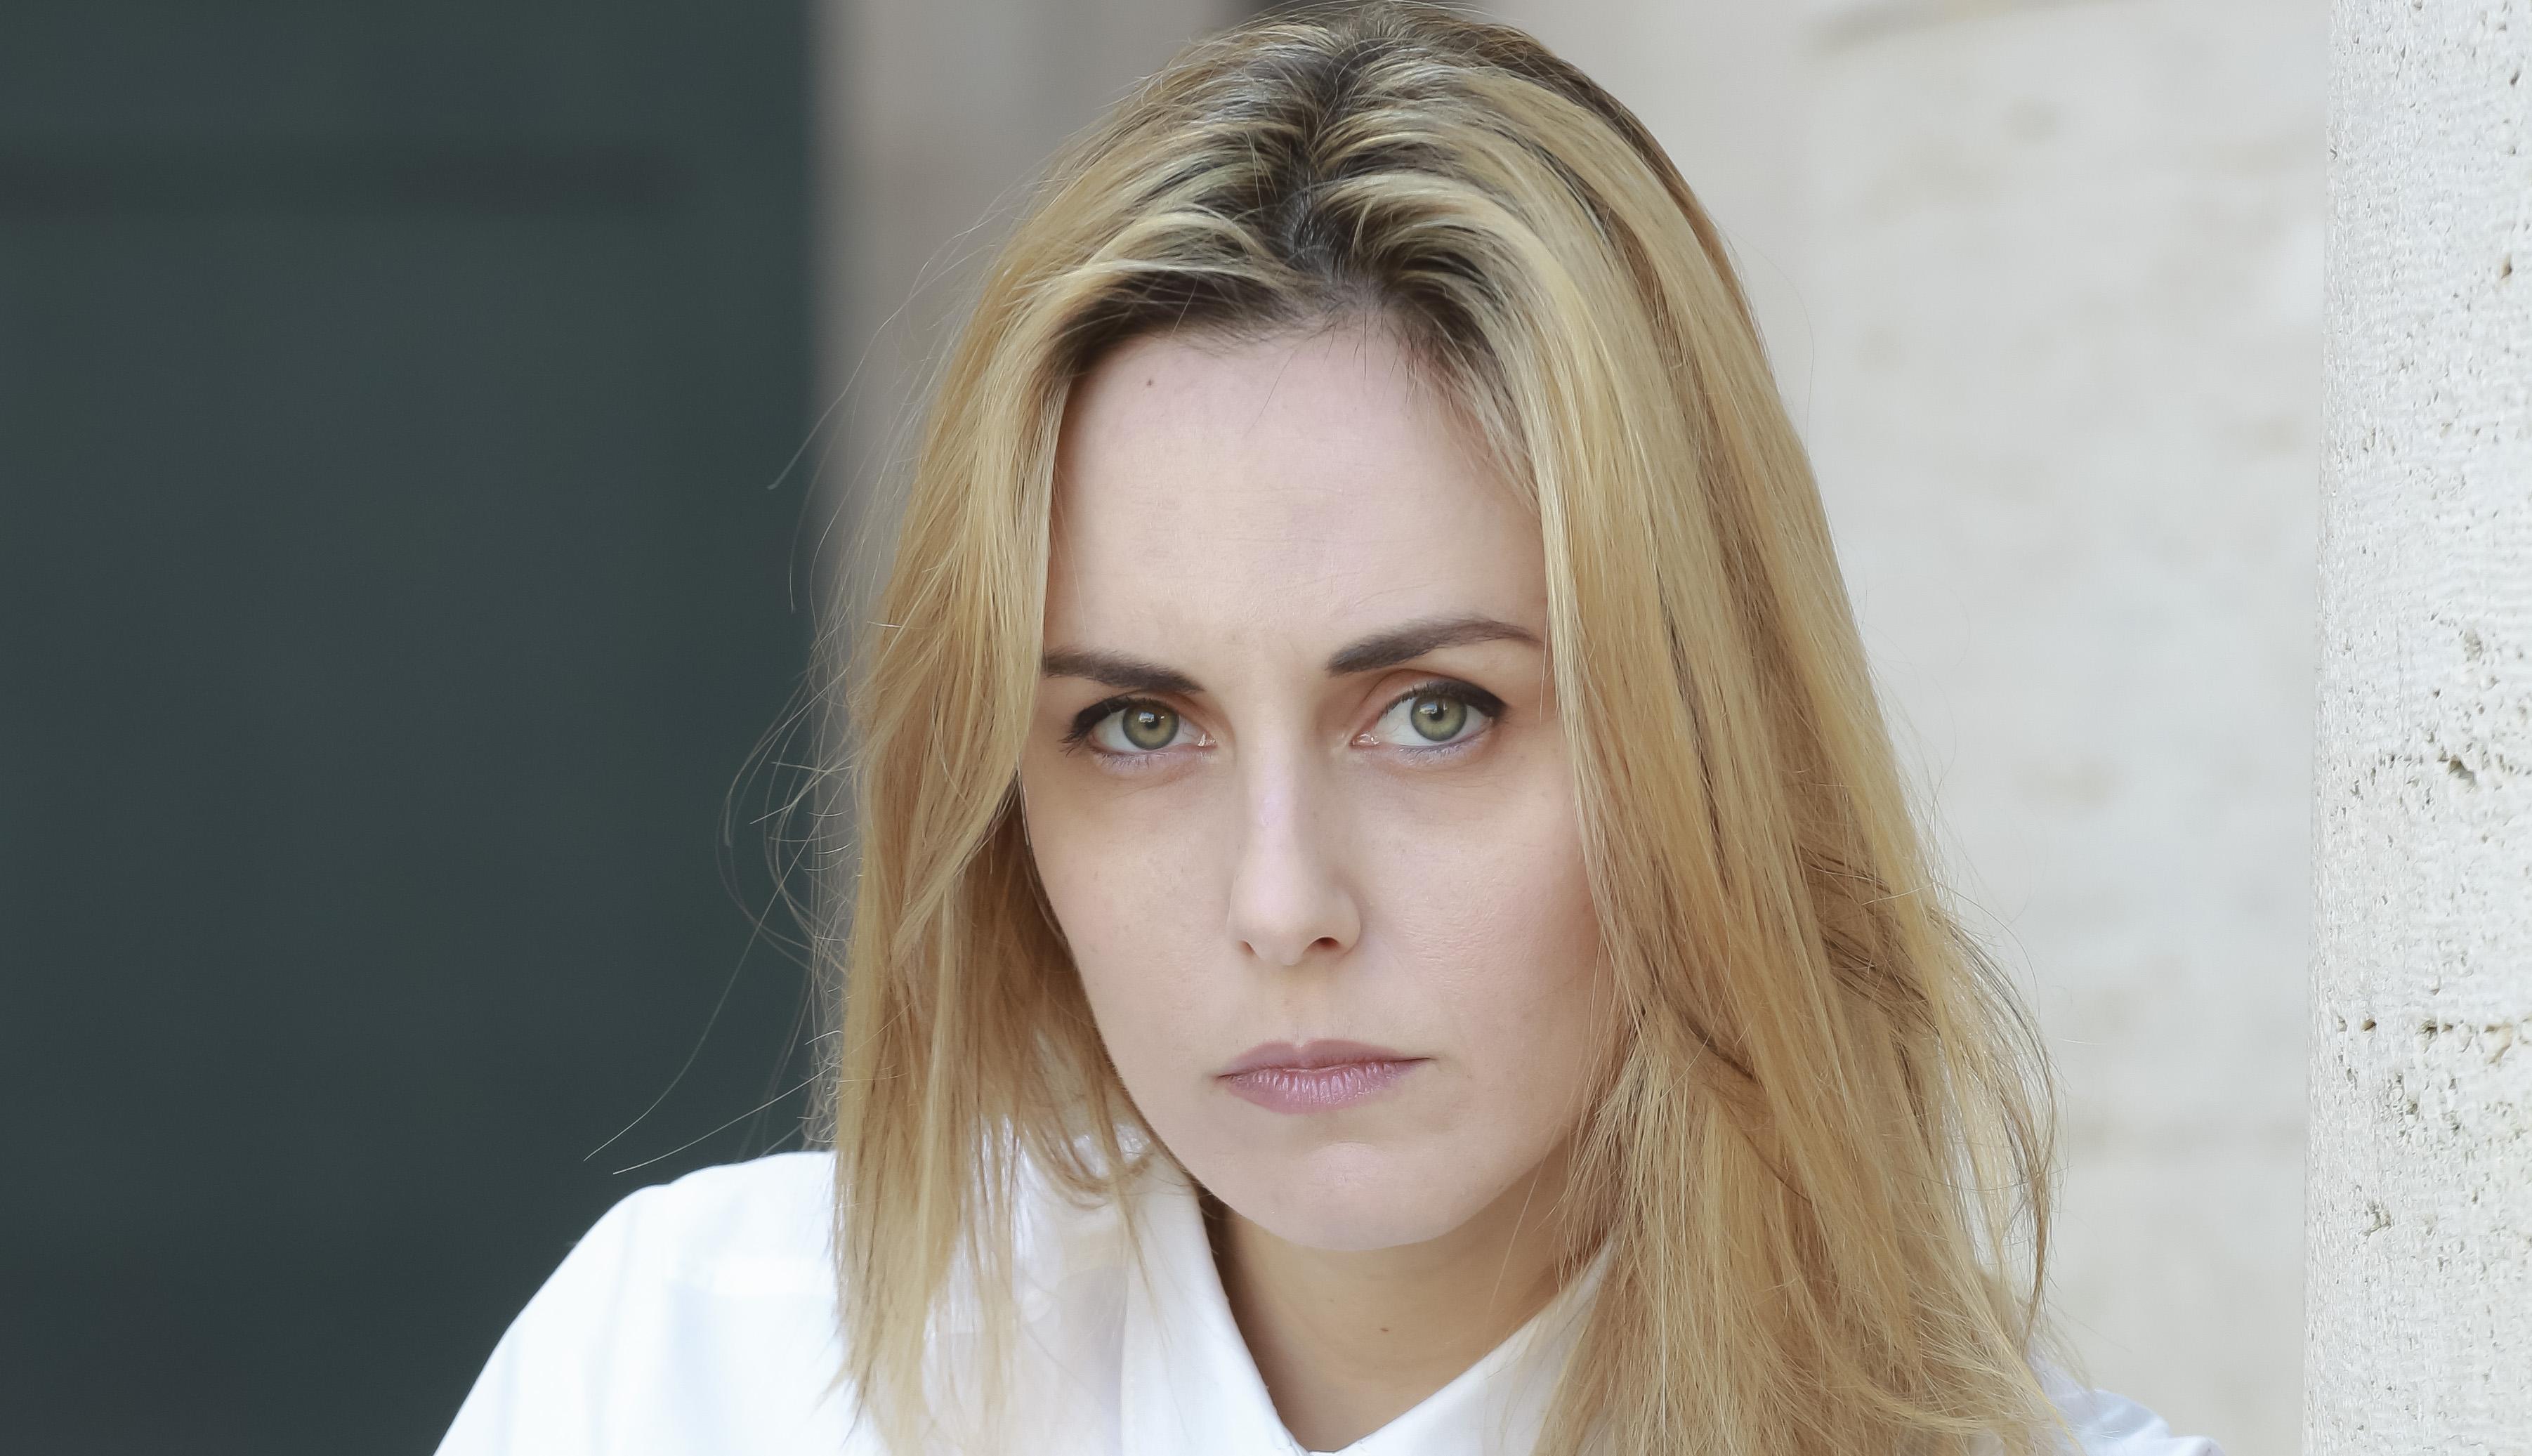 """Scuola Jenny Tamburi: Giulia Petrini infermiera nella fiction """"Oltre la soglia"""". Nel cast anche Annalisa Tancini e Lea Gavino."""